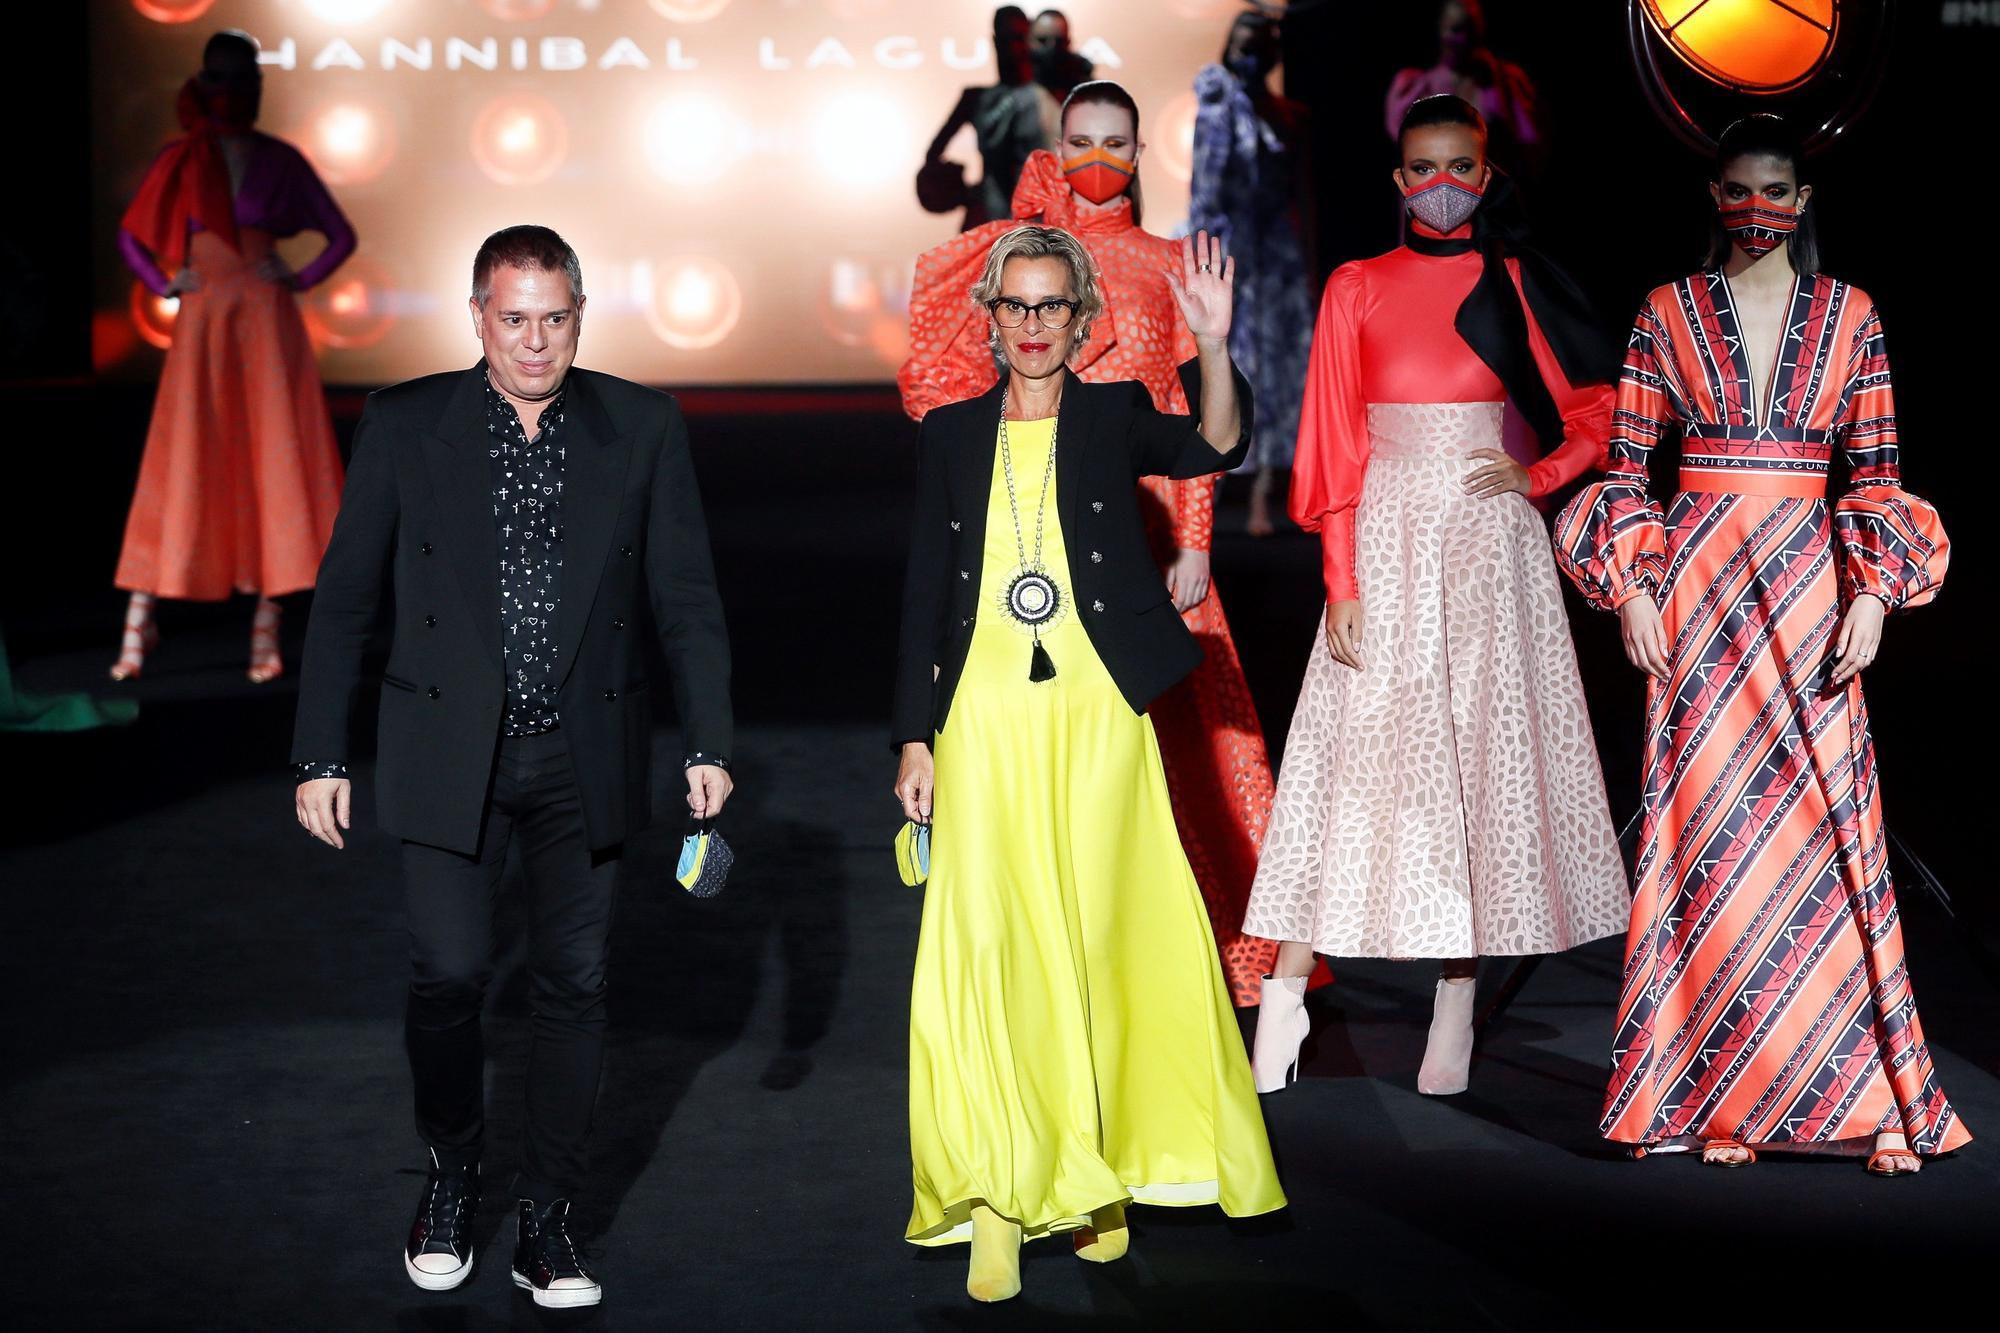 La moda alicantina diseña un mundo mejor